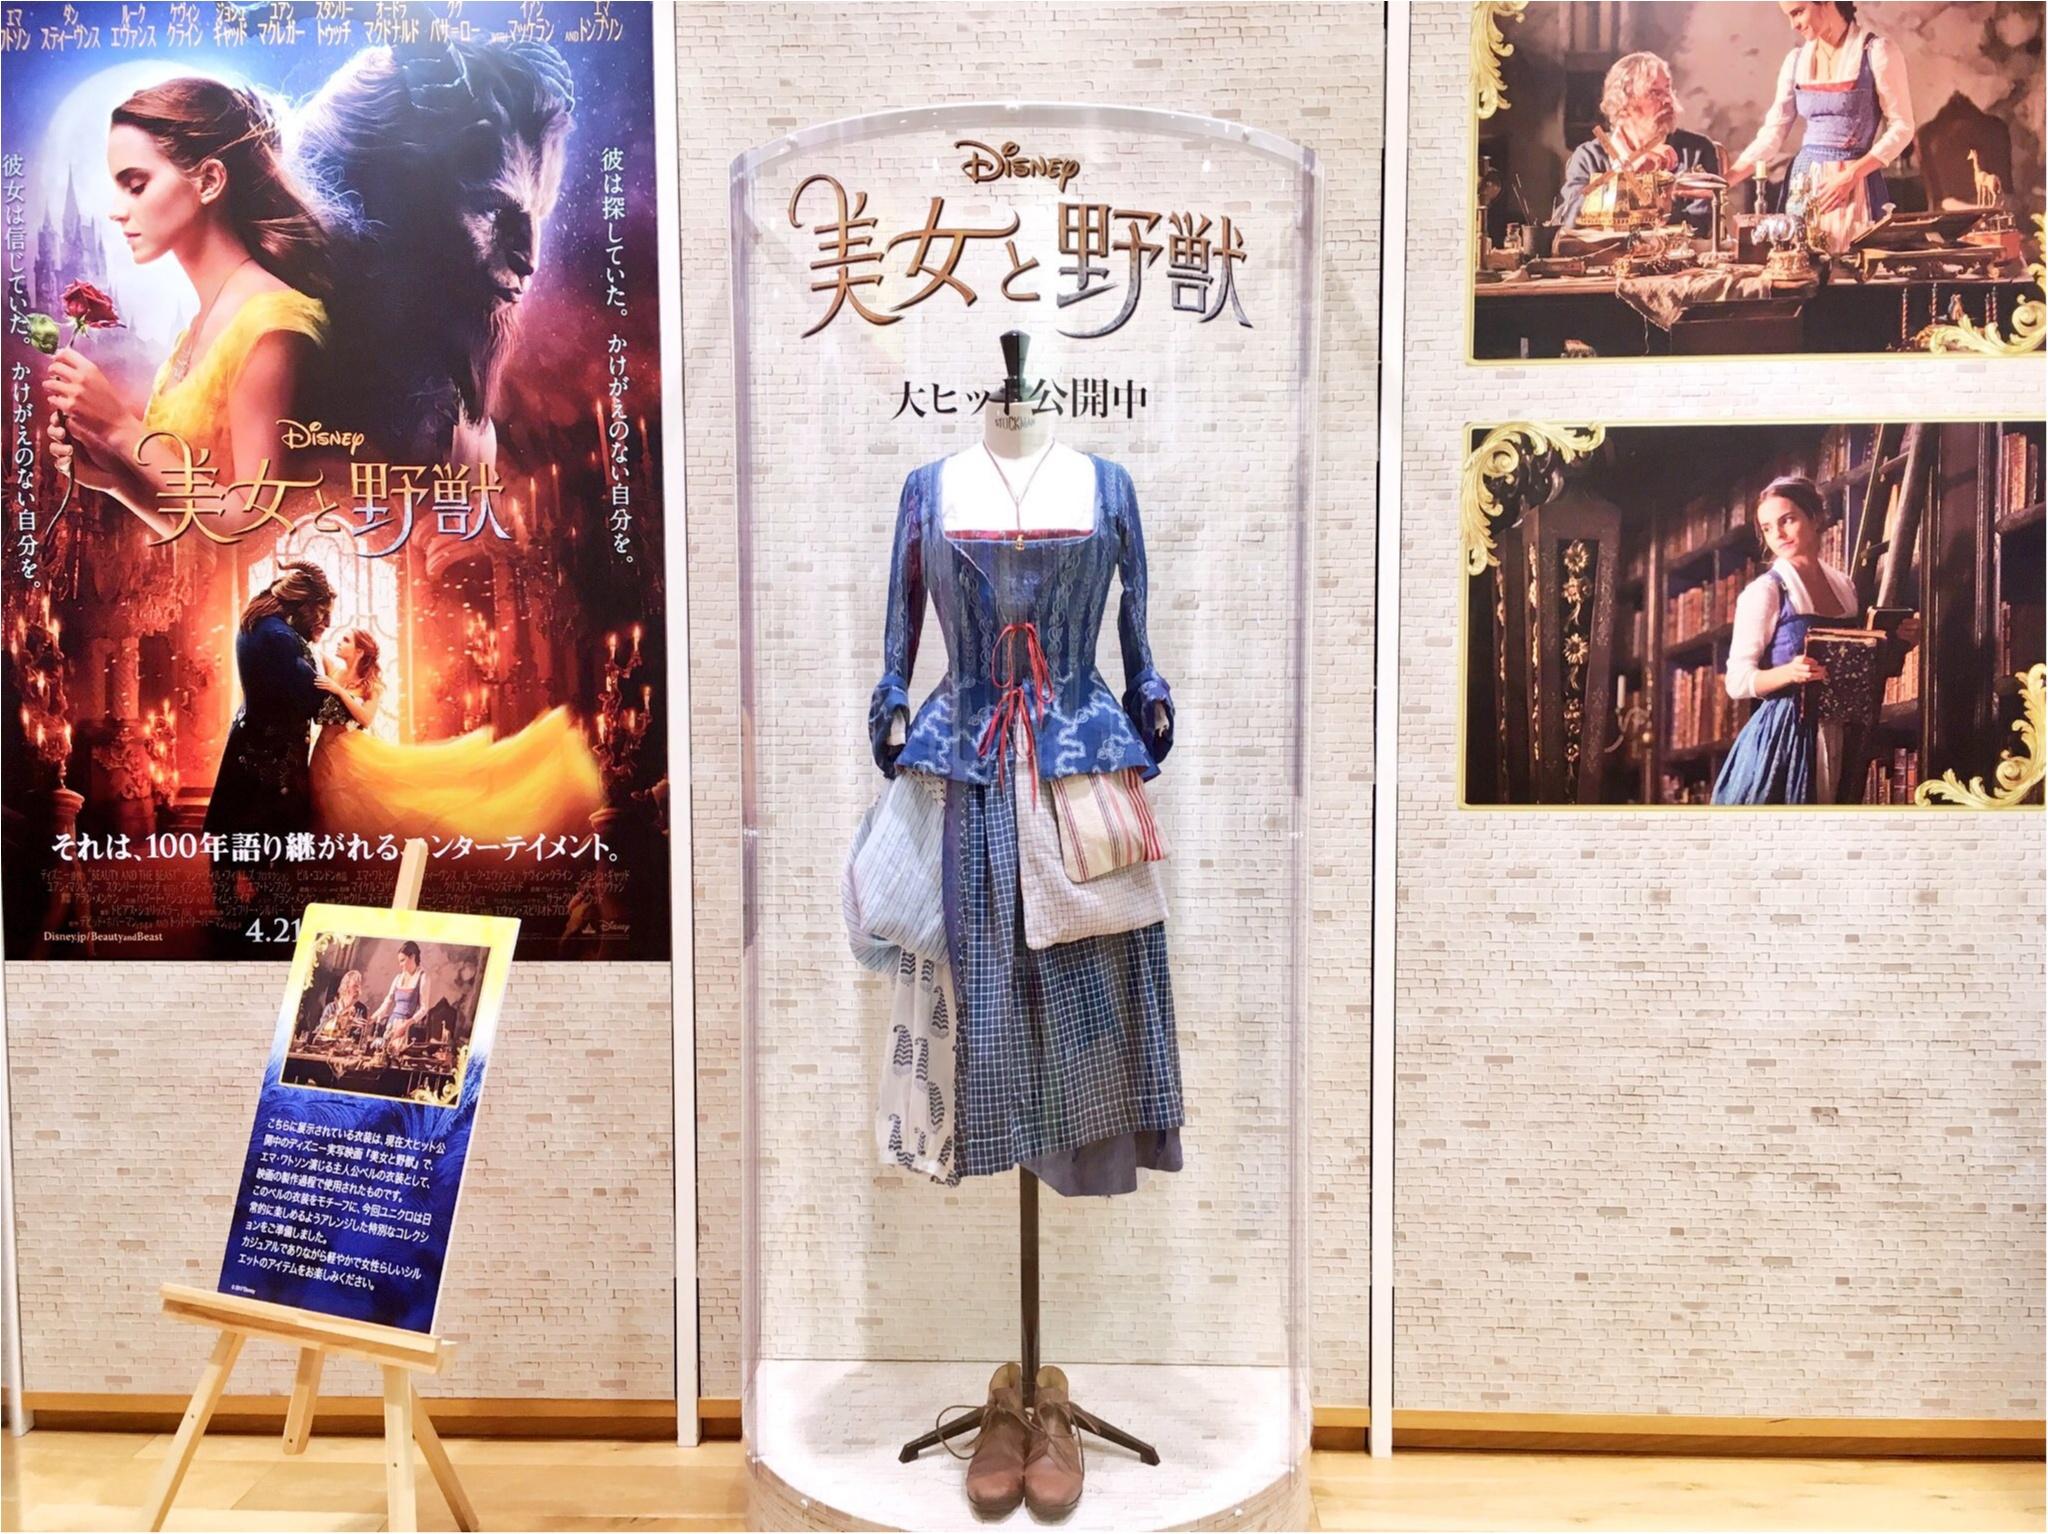 穴場スポット♡【美女と野獣】エマワトソン着用衣装を街中で発見♪_2